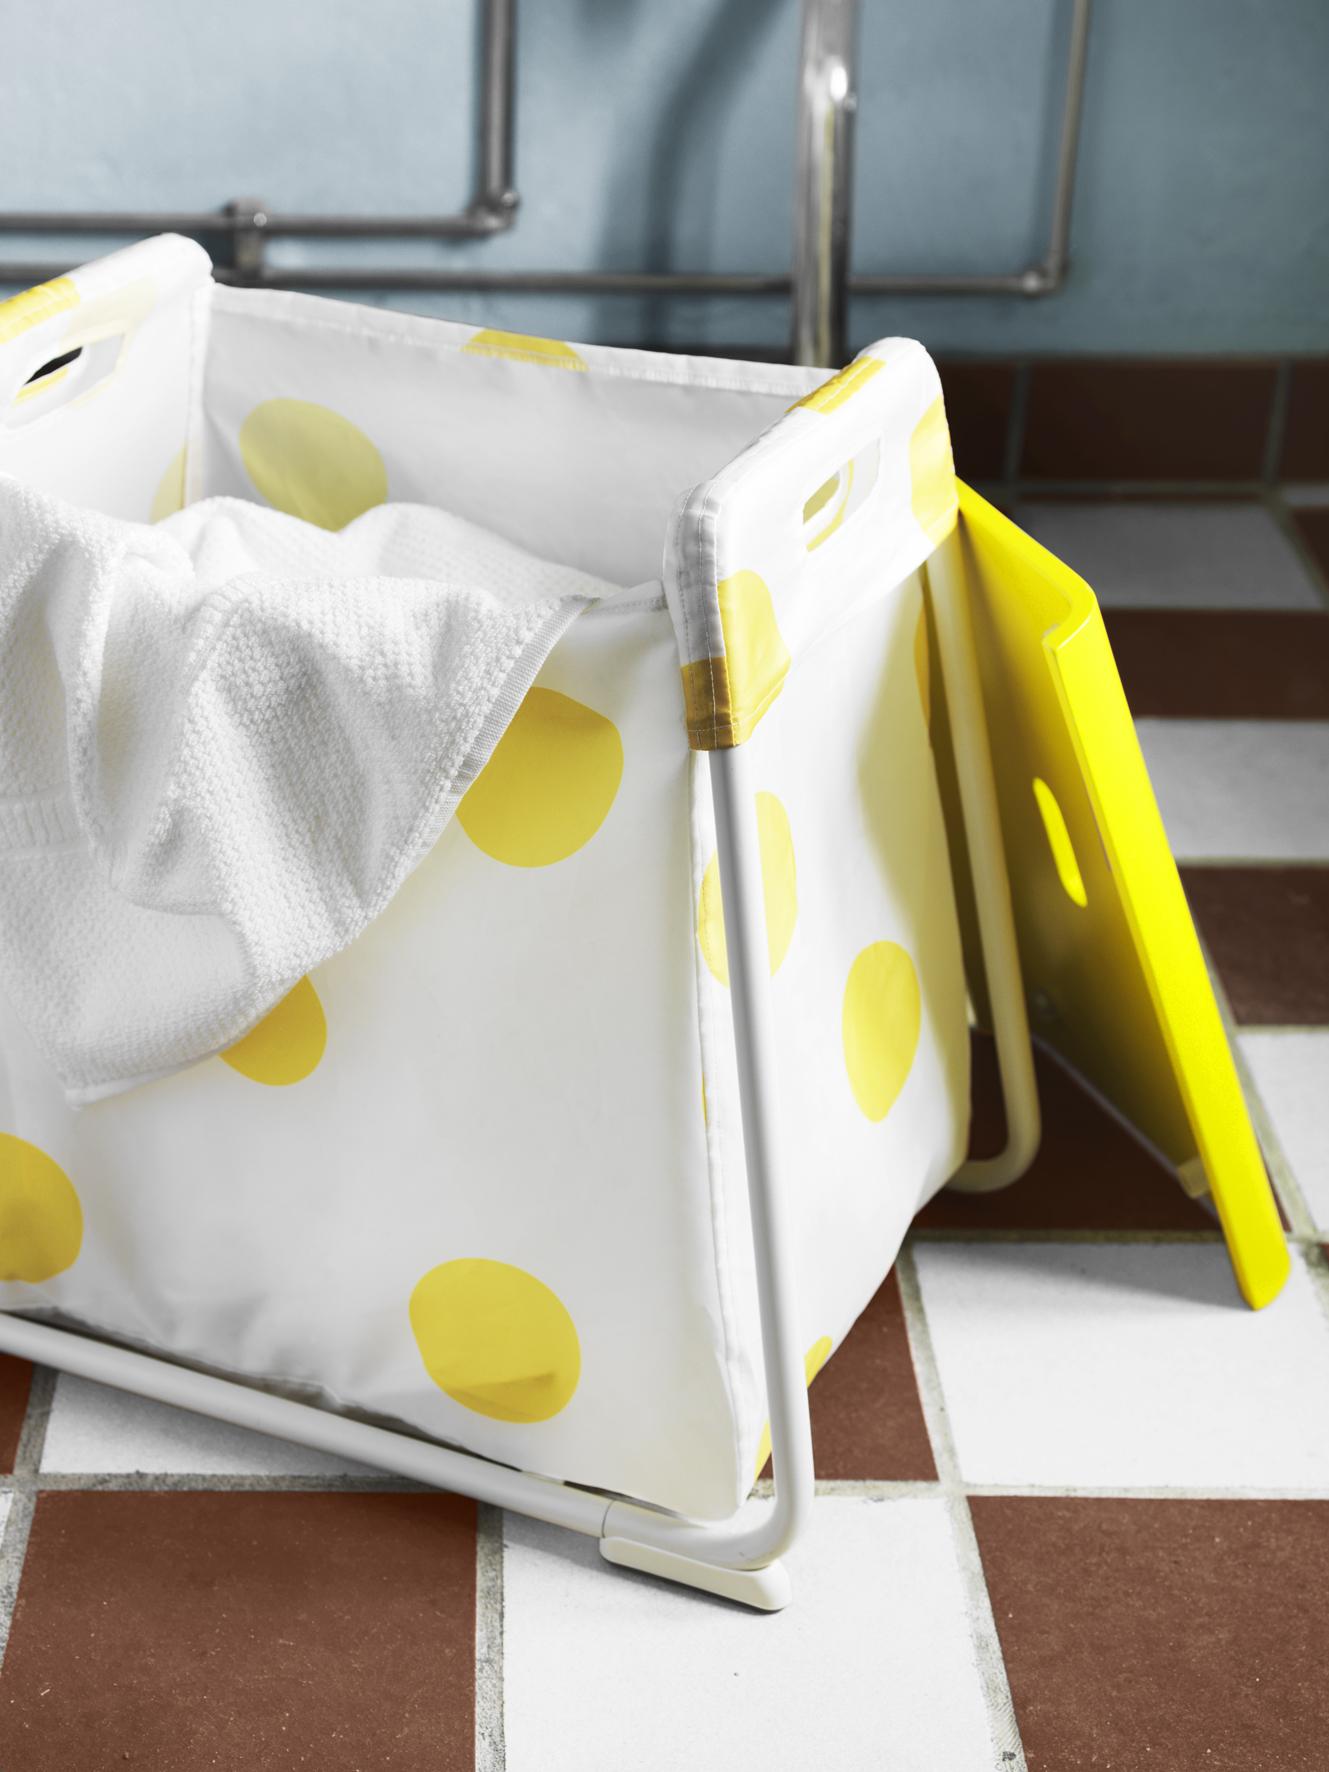 Ikea badkamer design: ikea badkamer interieur ideeen car tuning.